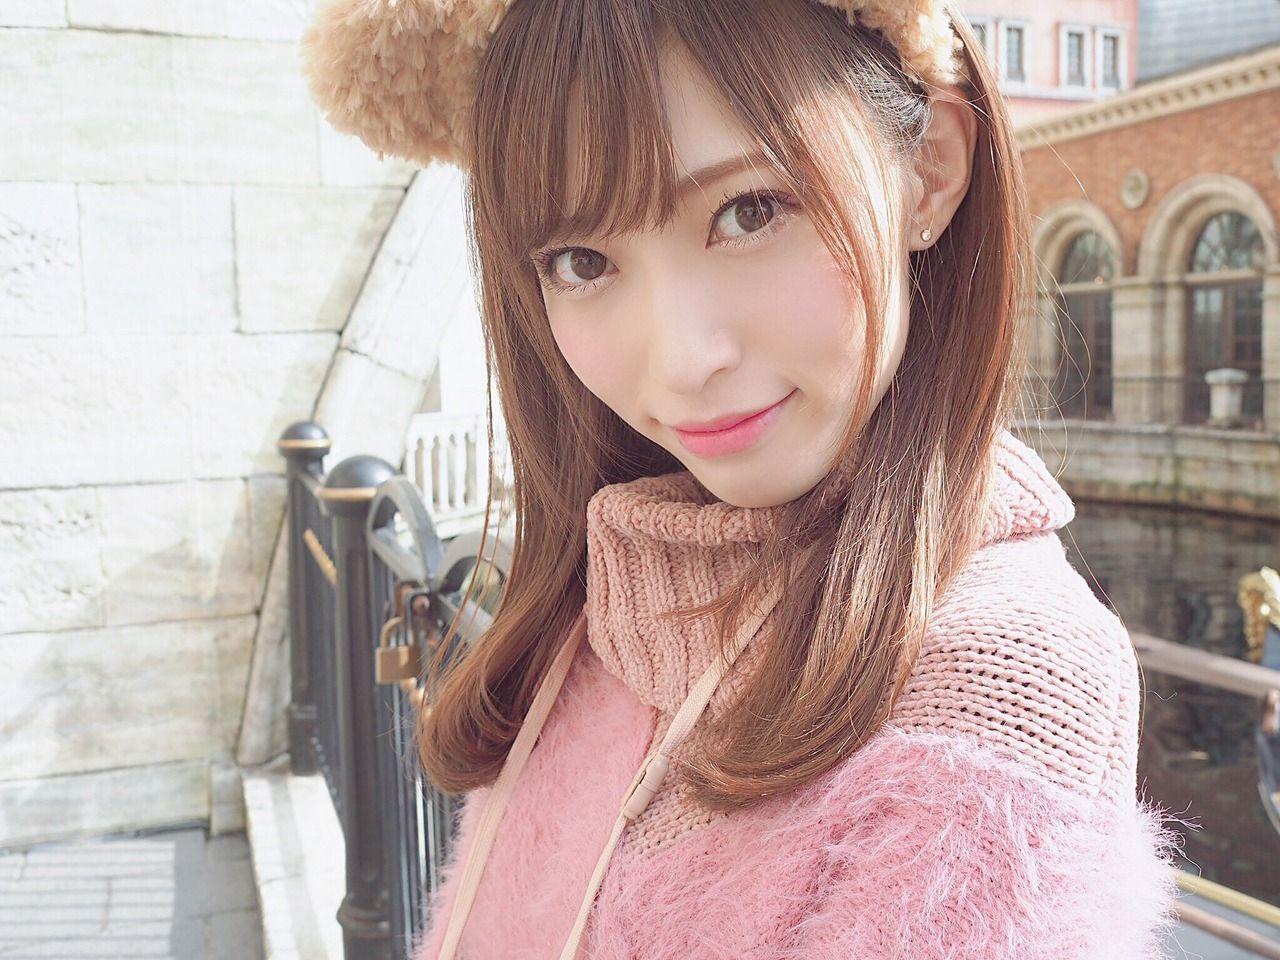 【朗報】山口真帆さんにラジオのお仕事キタ━━━━(゚∀゚)━━━━!!